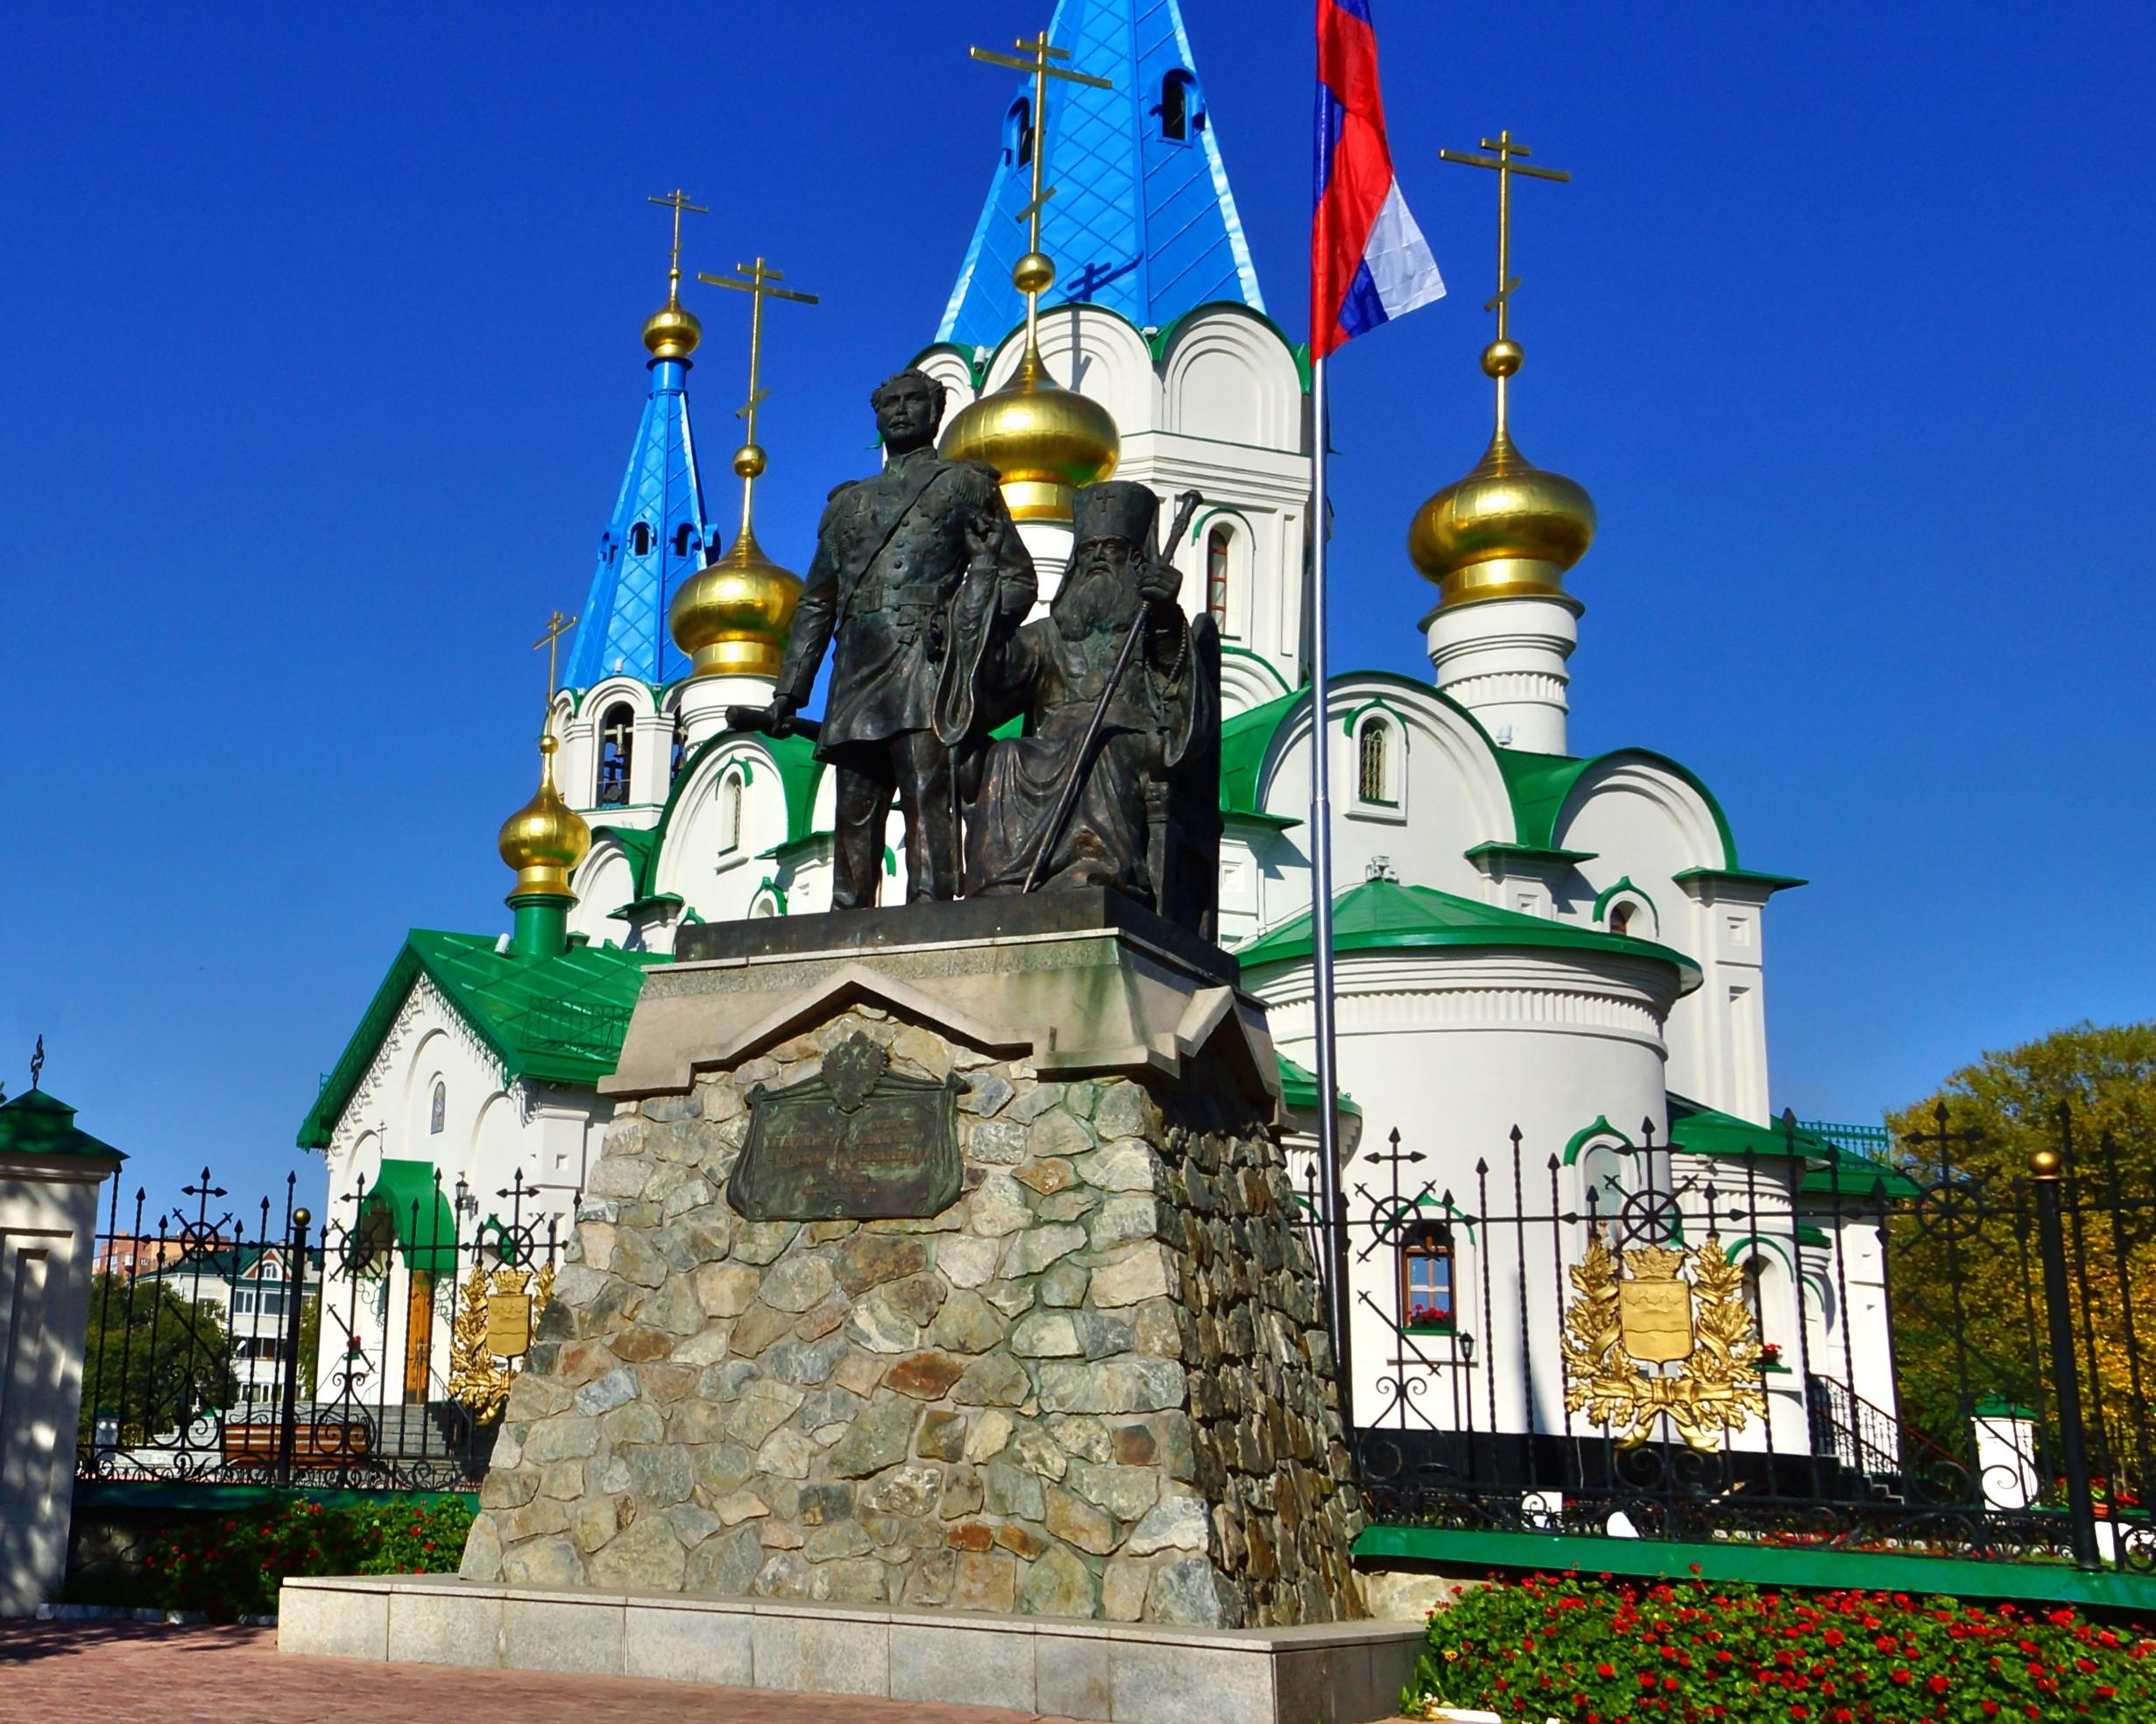 Памятник двум основателям города - святителю Иннокентию и графу Муравьеву-Амурскому.